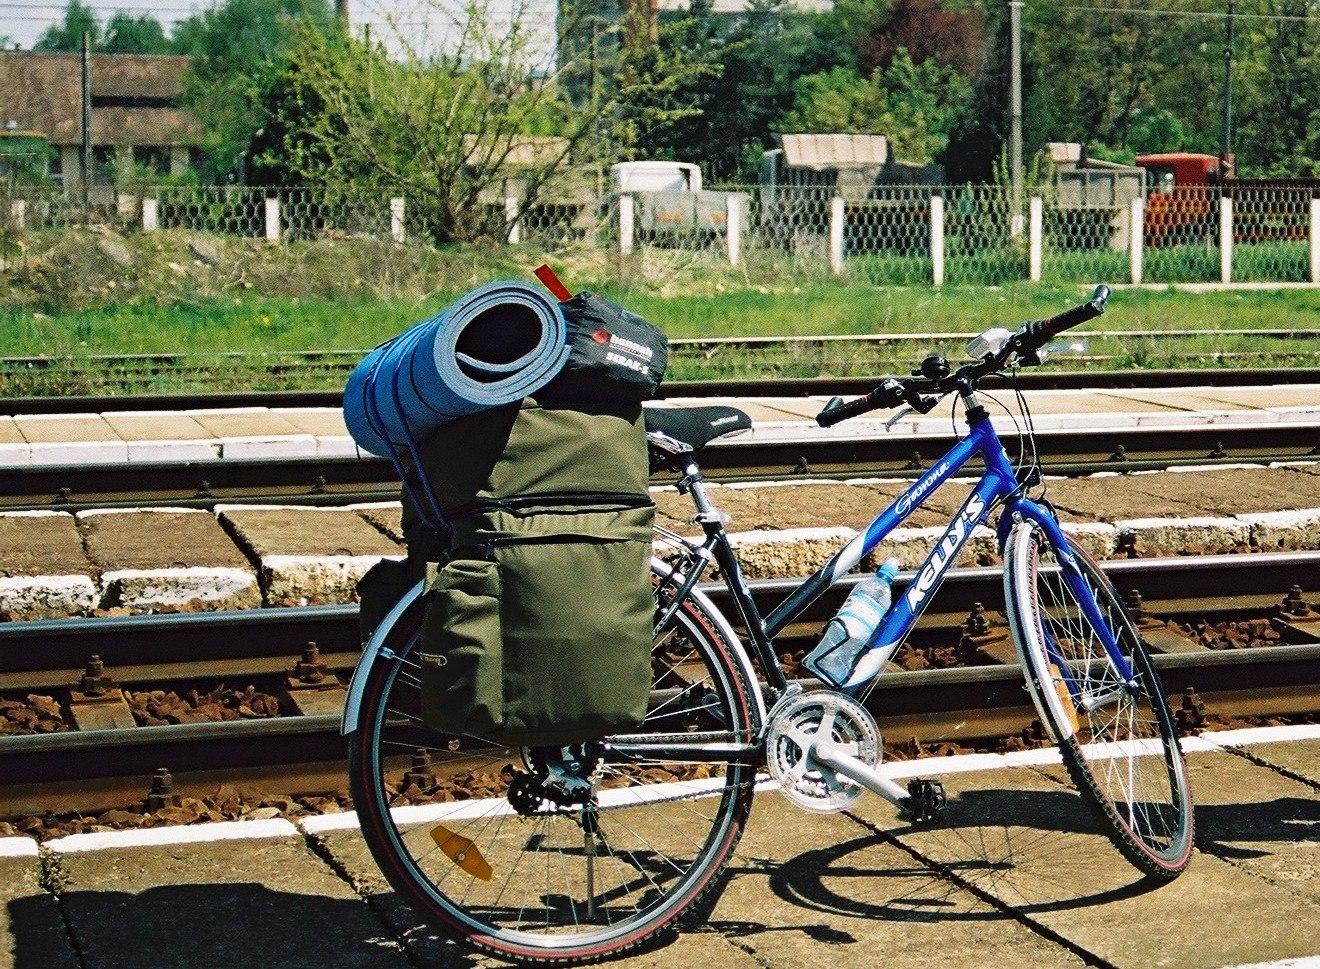 Zdjęcia ukradzonego roweru, fot. Iwona S./Facebook